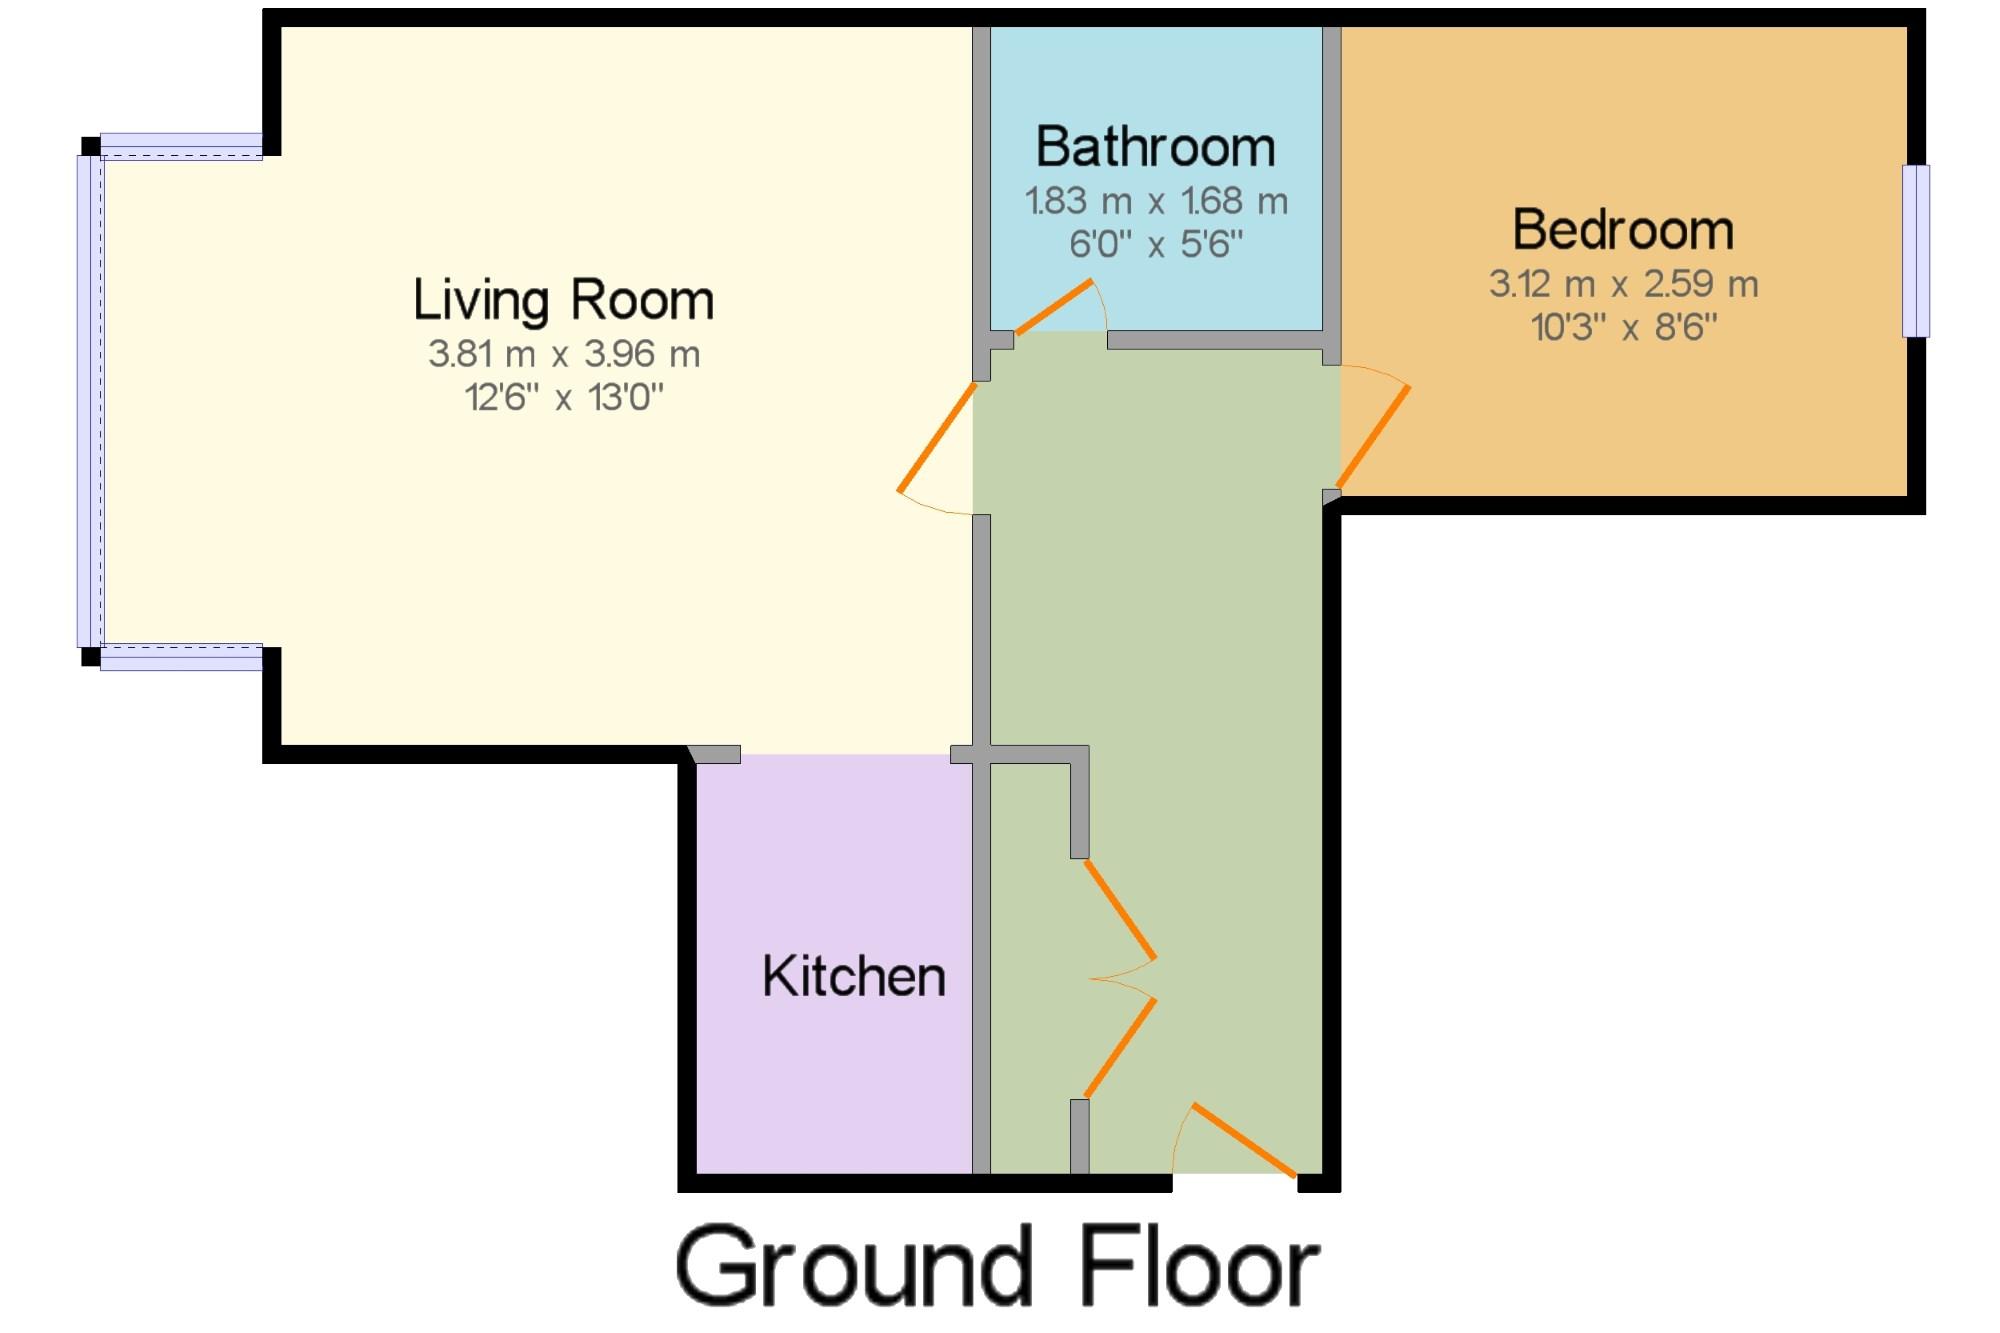 Bedroom Furniture For Sale In Bury St Edmunds